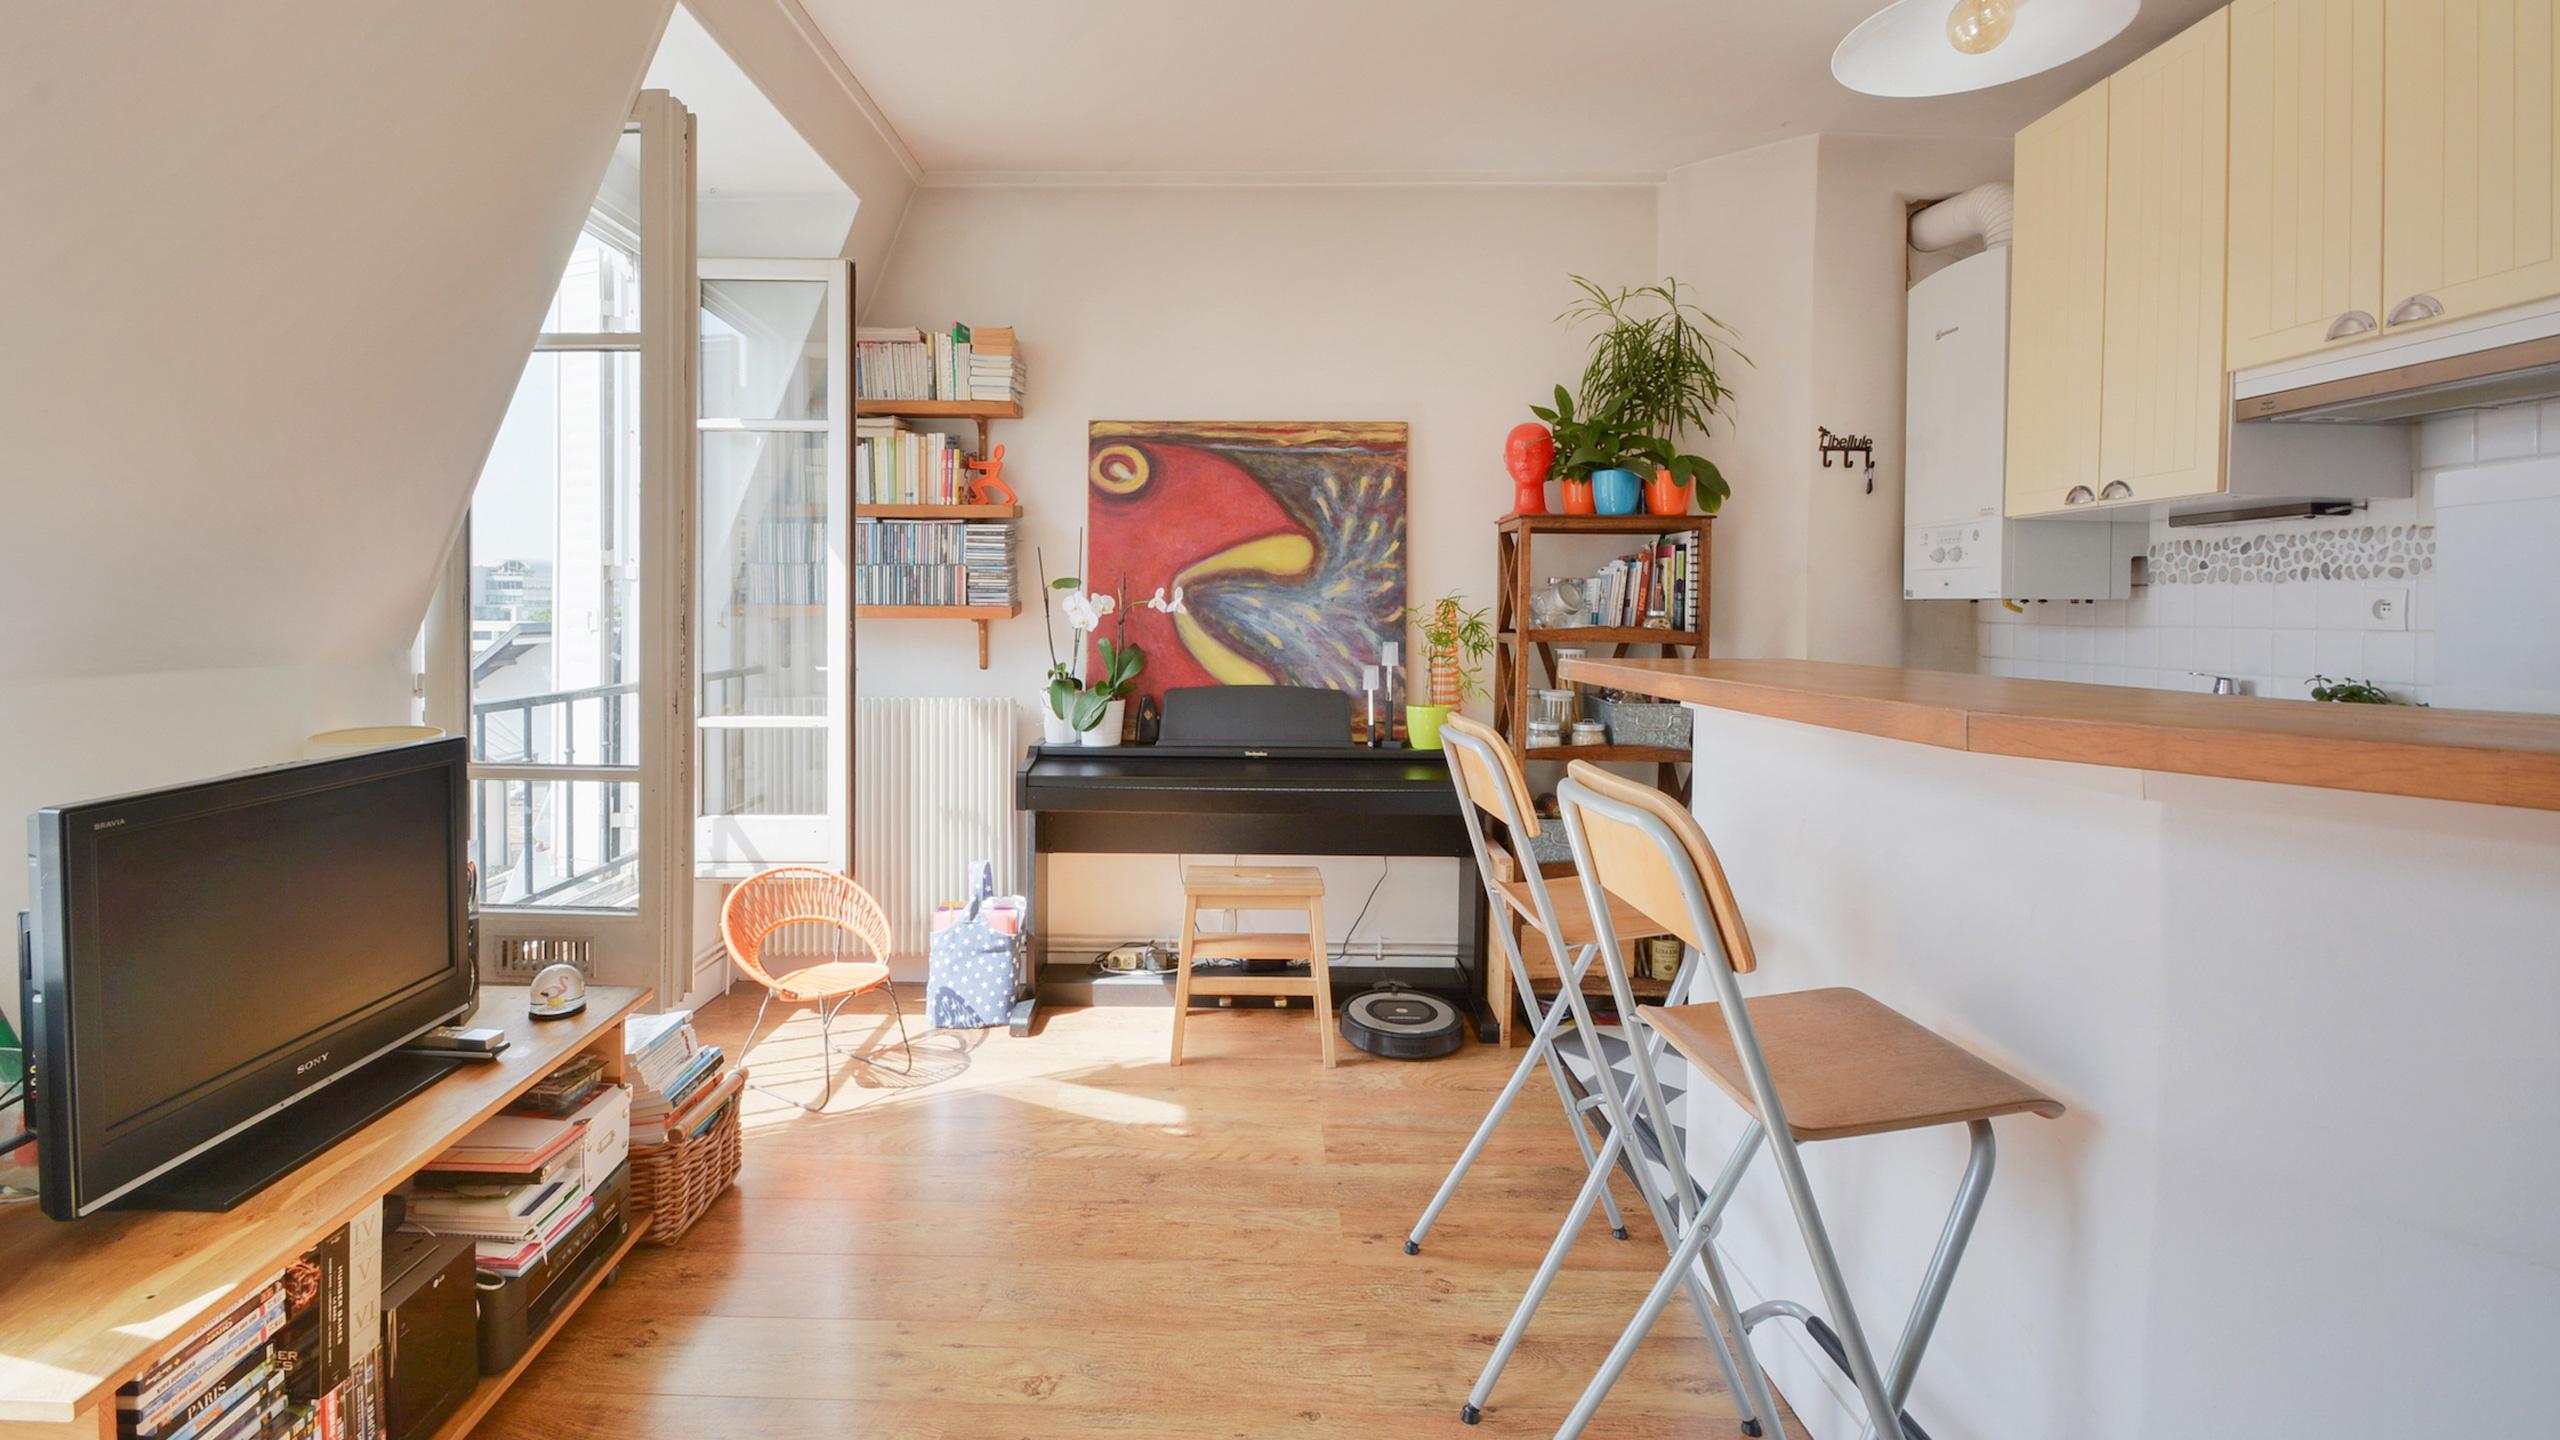 agence immobilière | dernieretage-paris - dernier étage paris